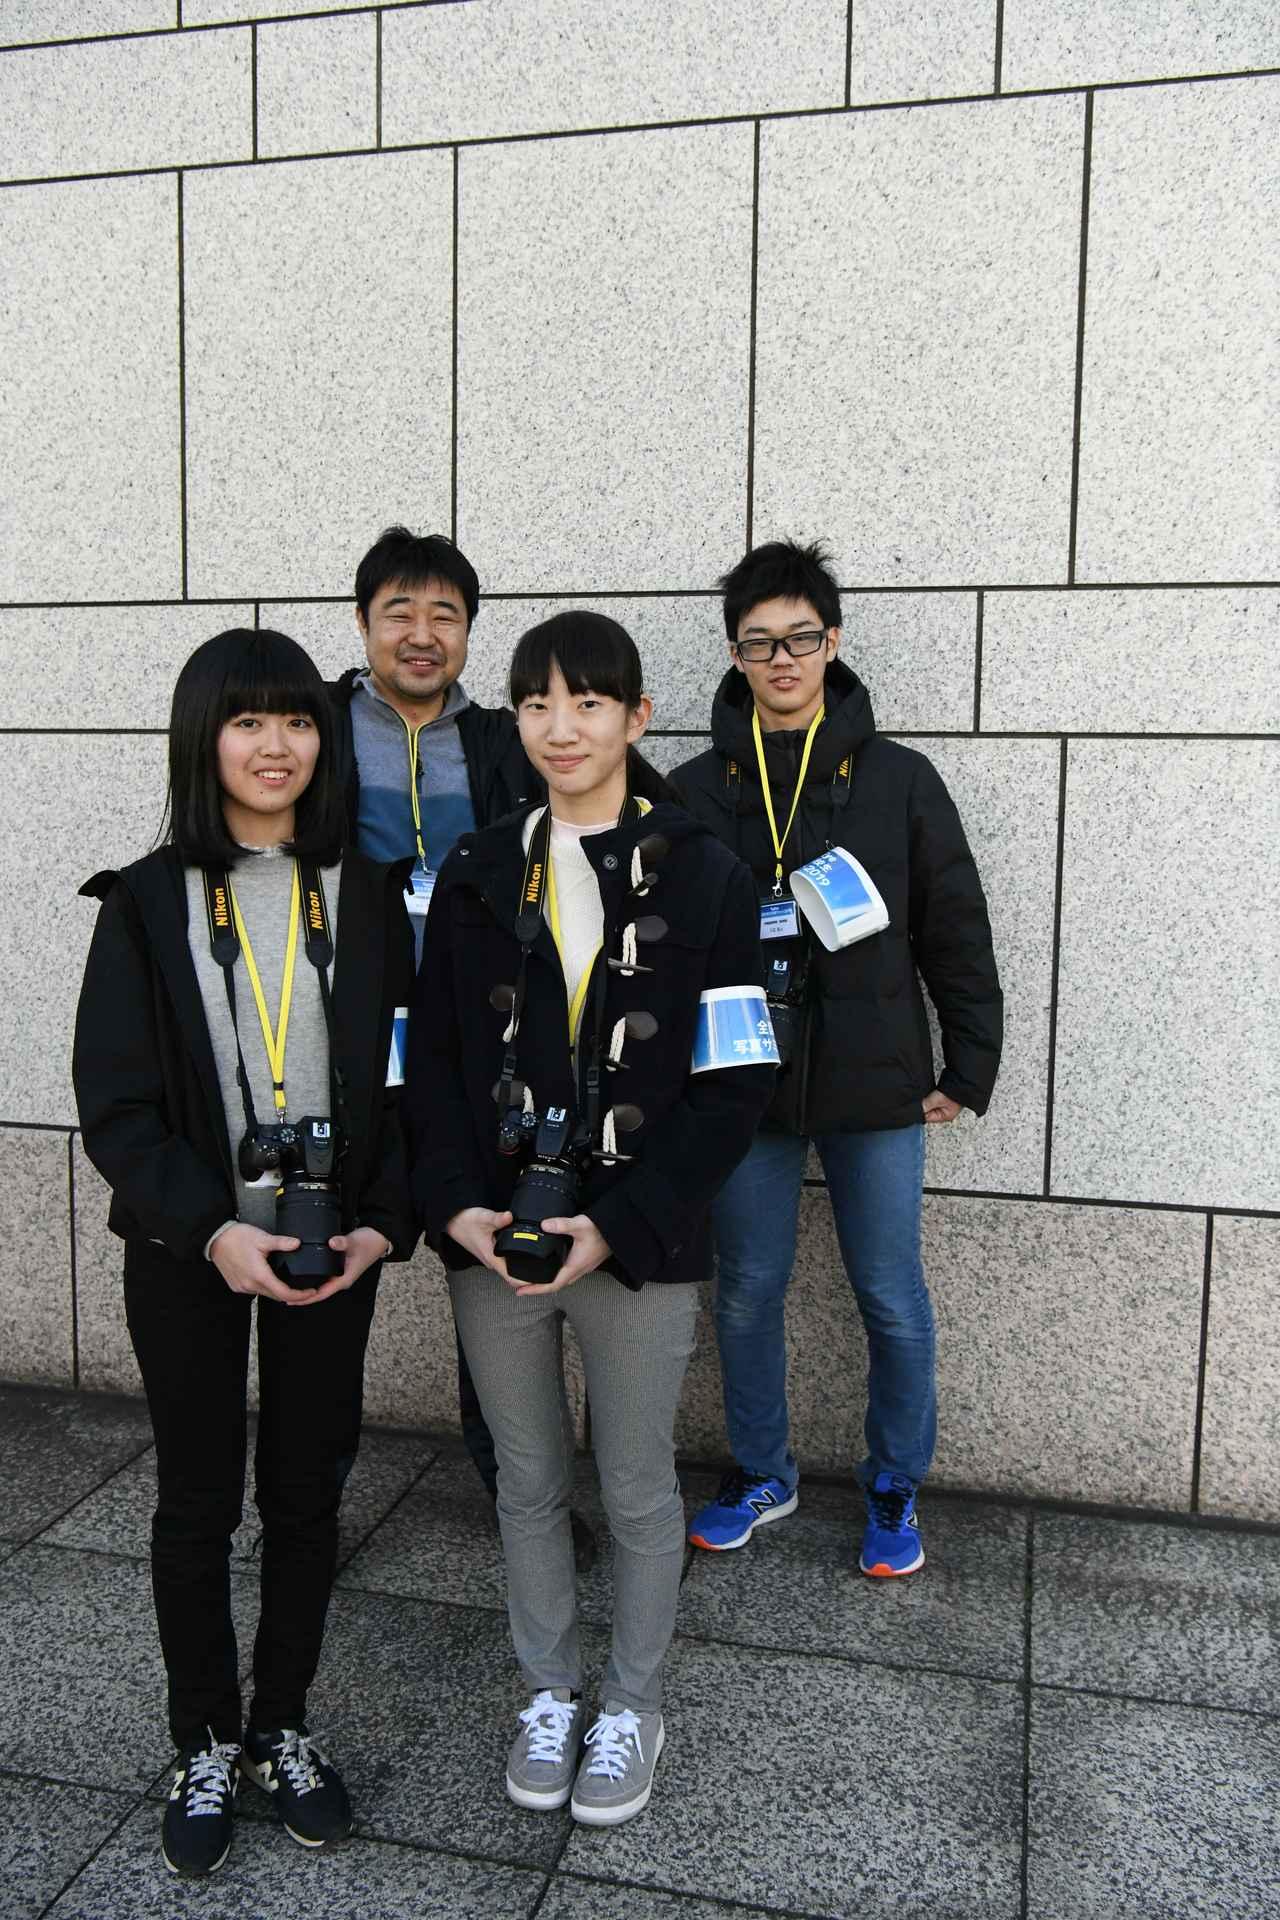 画像: ▲新潟より参加の中越高等学校のチーム。